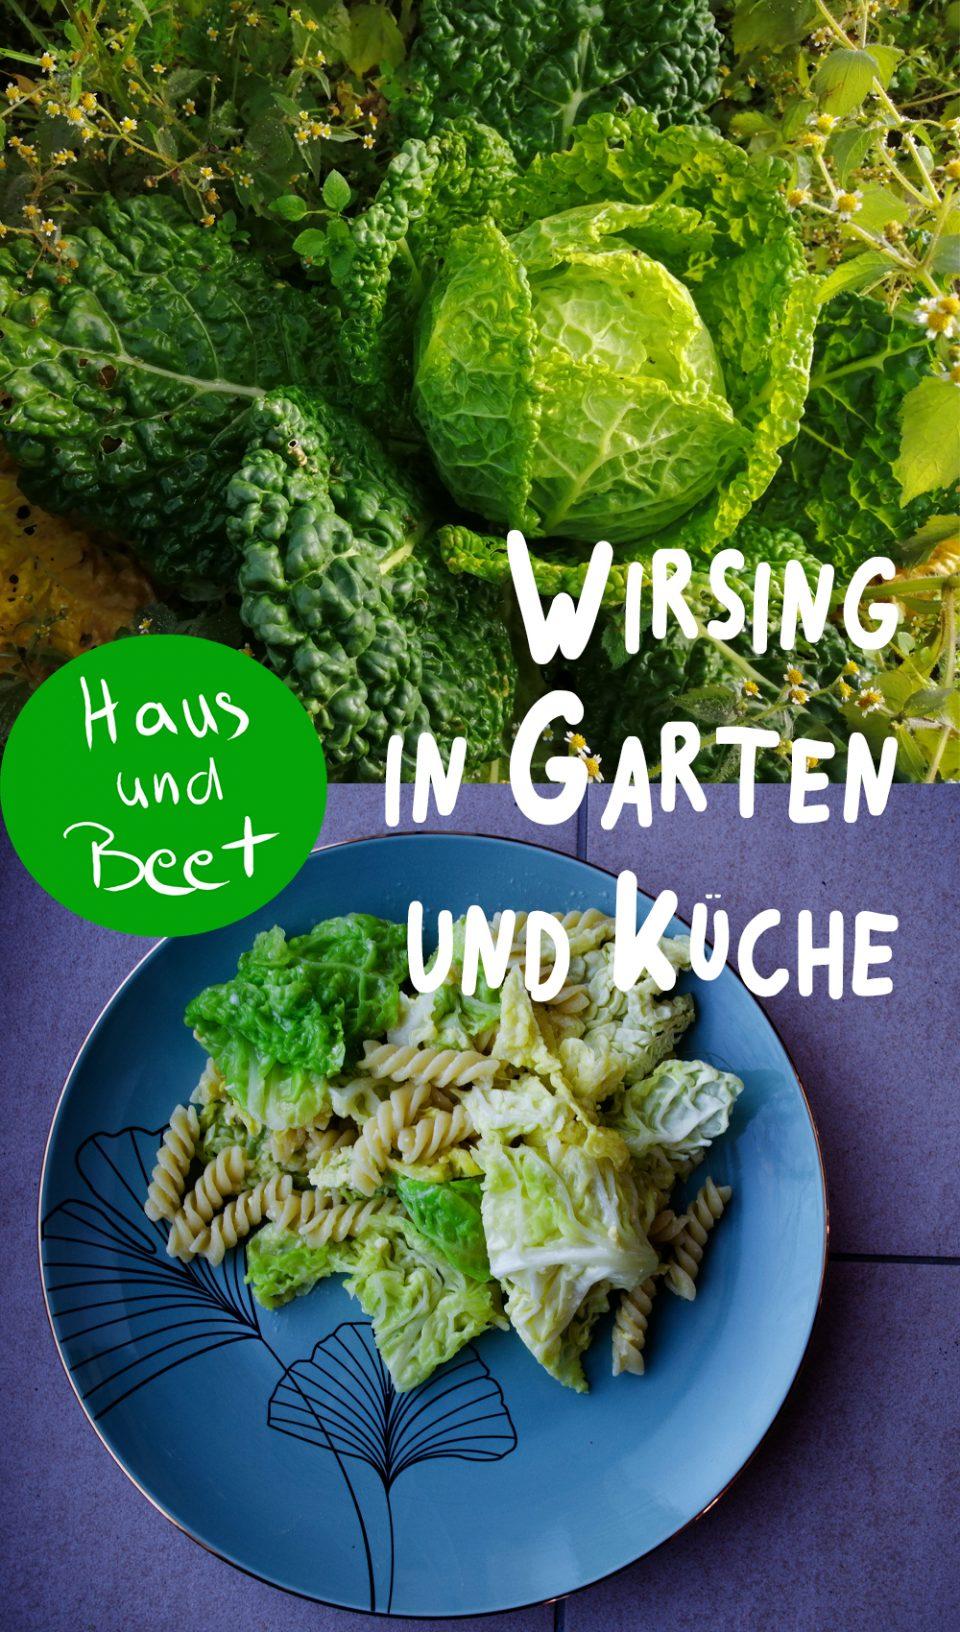 Wirsing in Garten und Küche